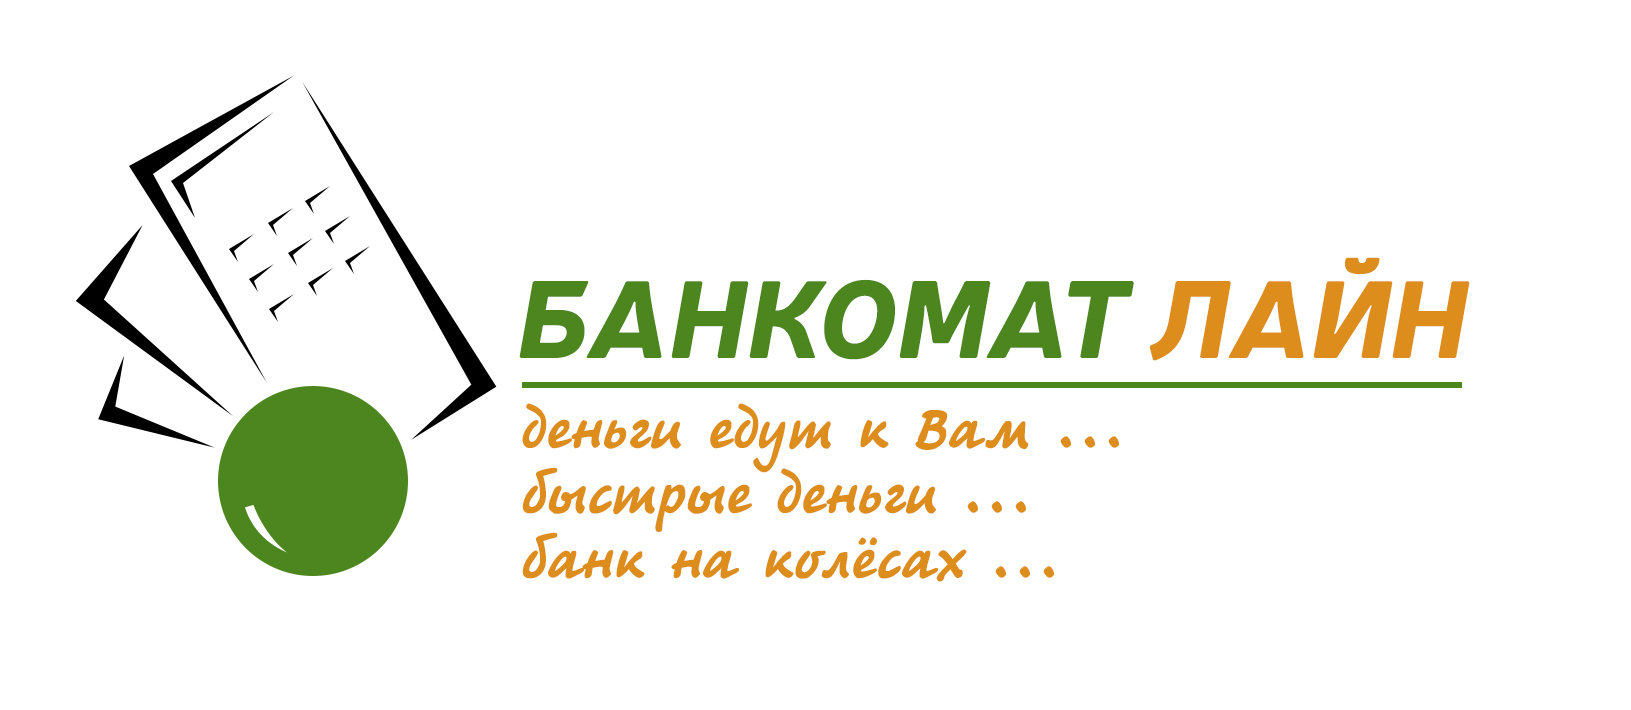 Разработка логотипа и слогана для транспортной компании фото f_419588a16db1964f.jpg